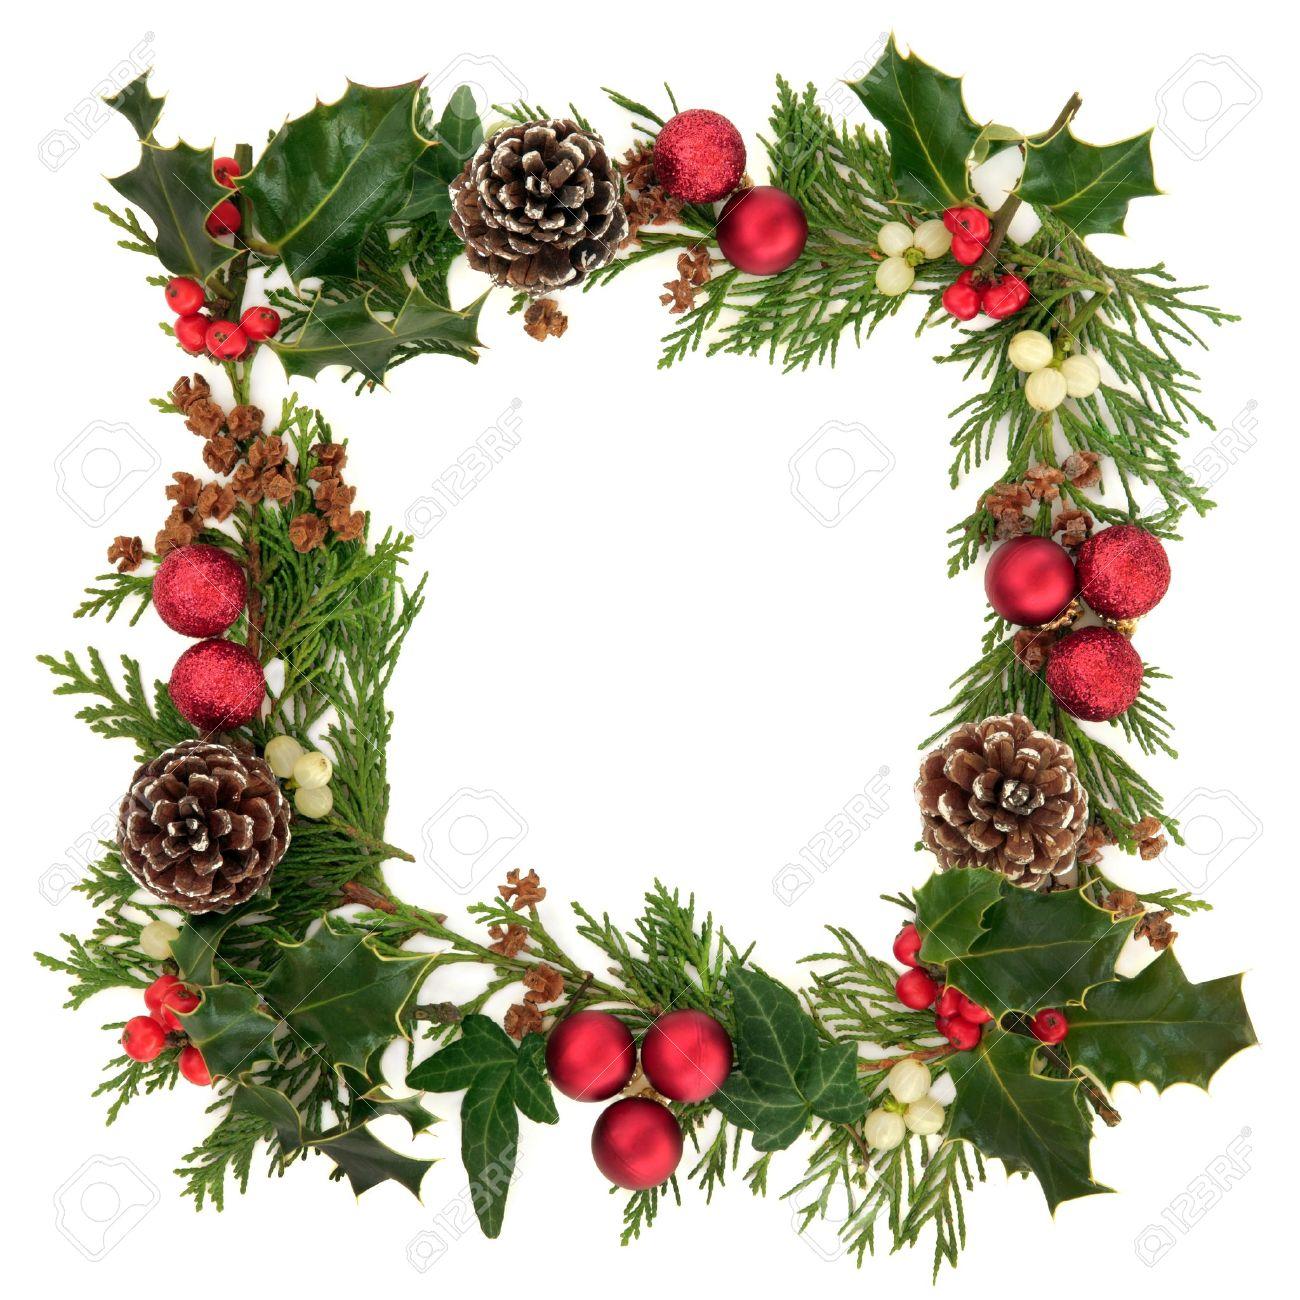 navidad decorativos frontera de acebo hiedra murdago las ramitas de hojas de cedro